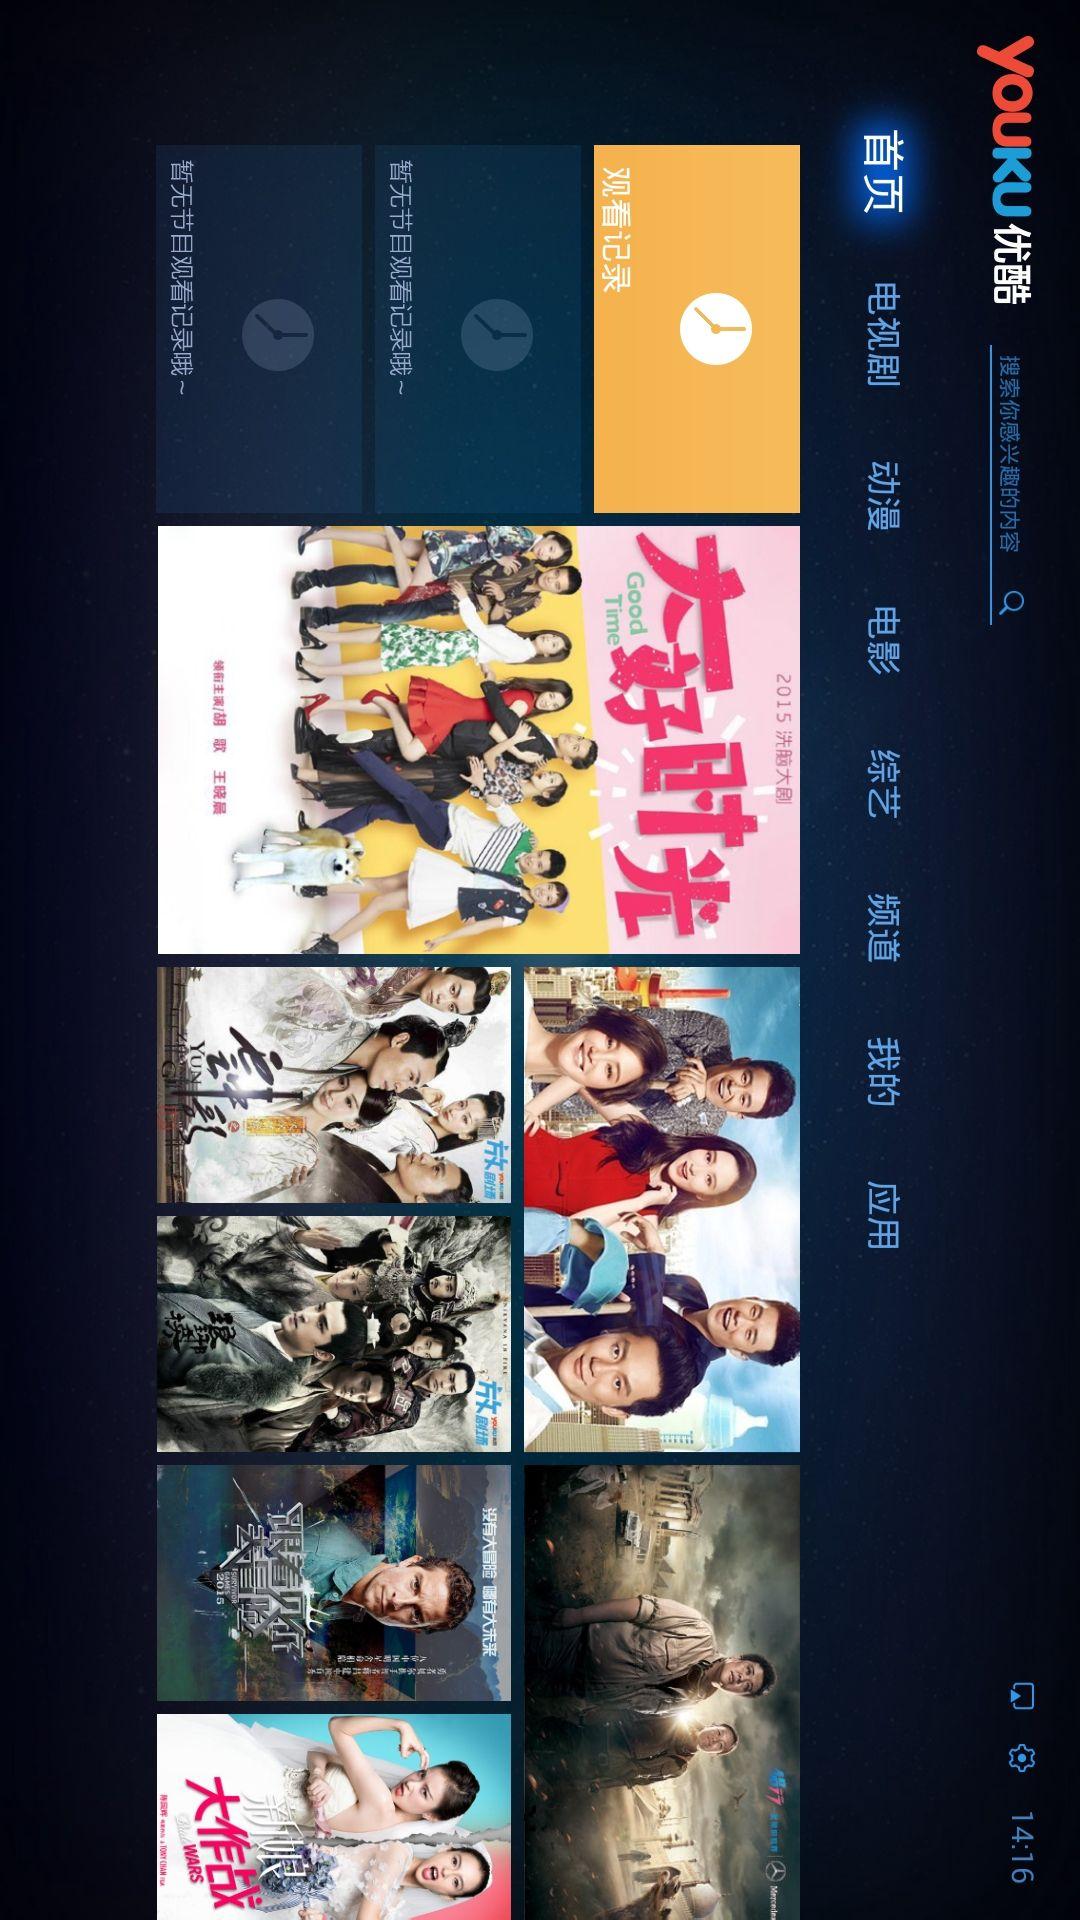 螢幕錄影程式下載 oCam中文下載 - 免費軟體下載